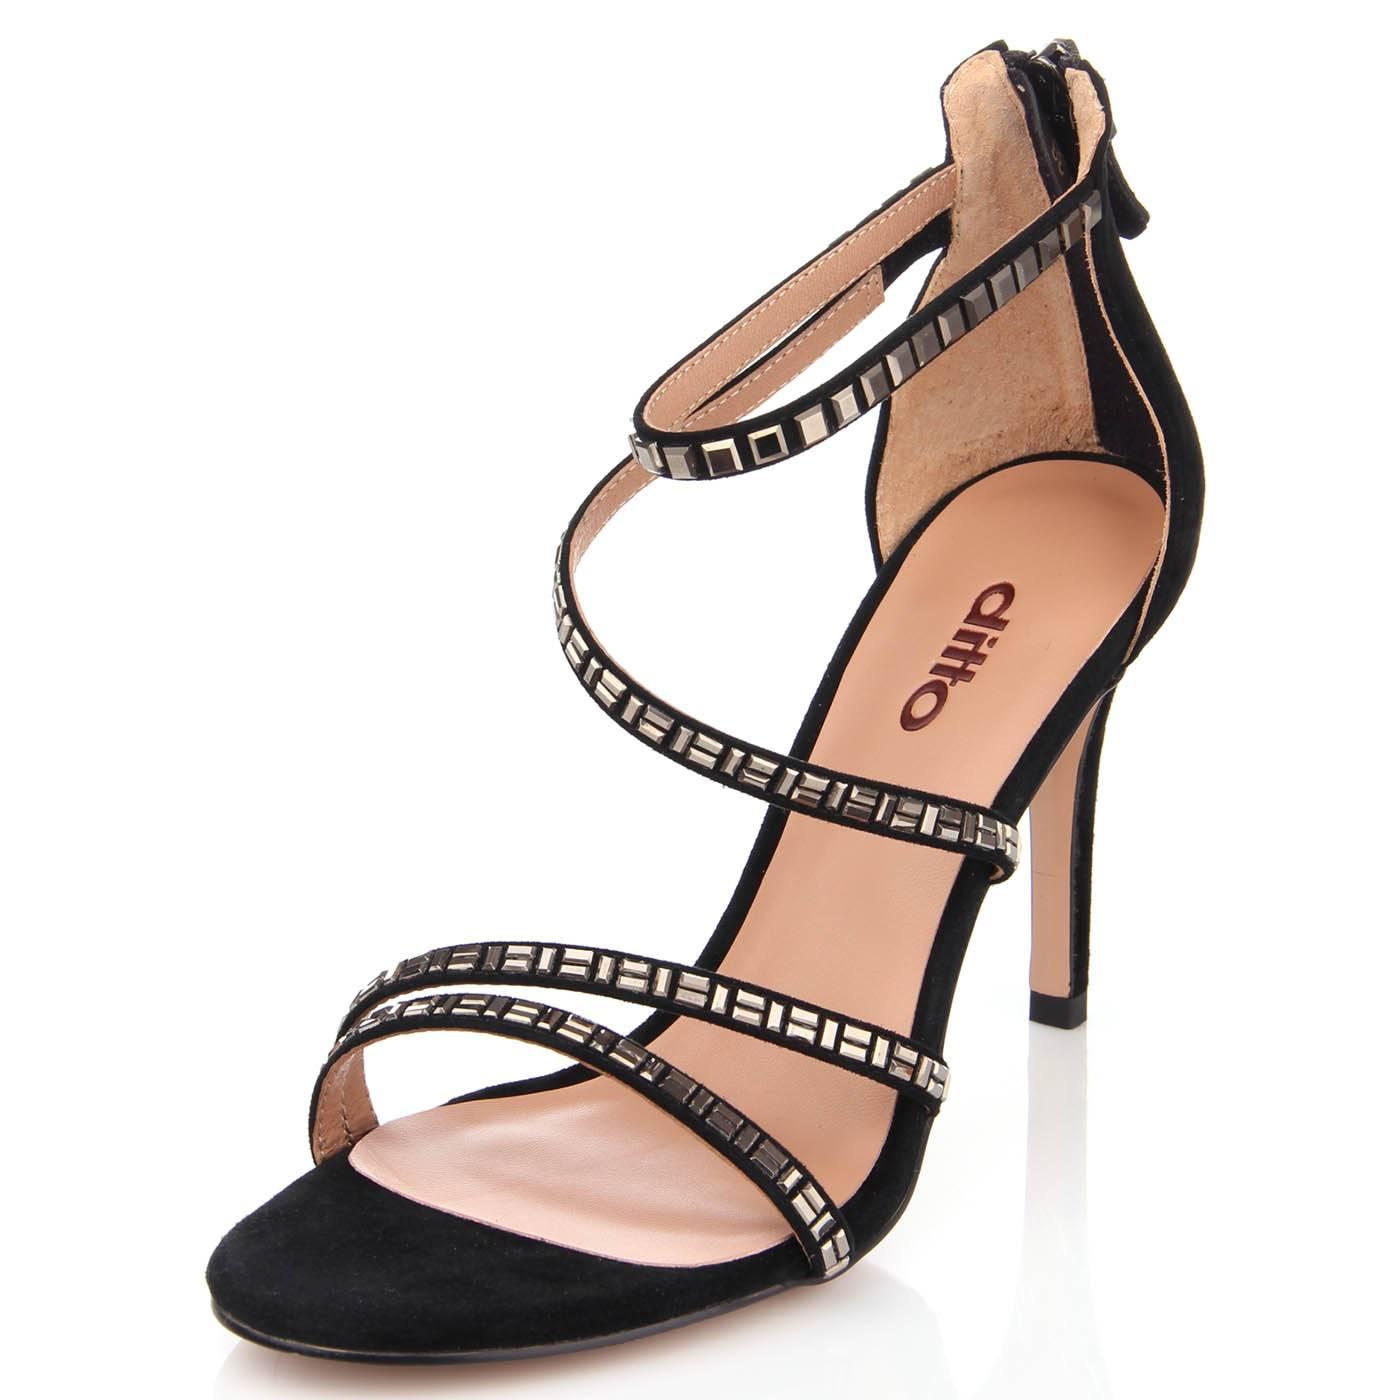 Босоніжки жіночі ditto 6464 Чорний купить по выгодной цене в ... 7f22ee83e5f79